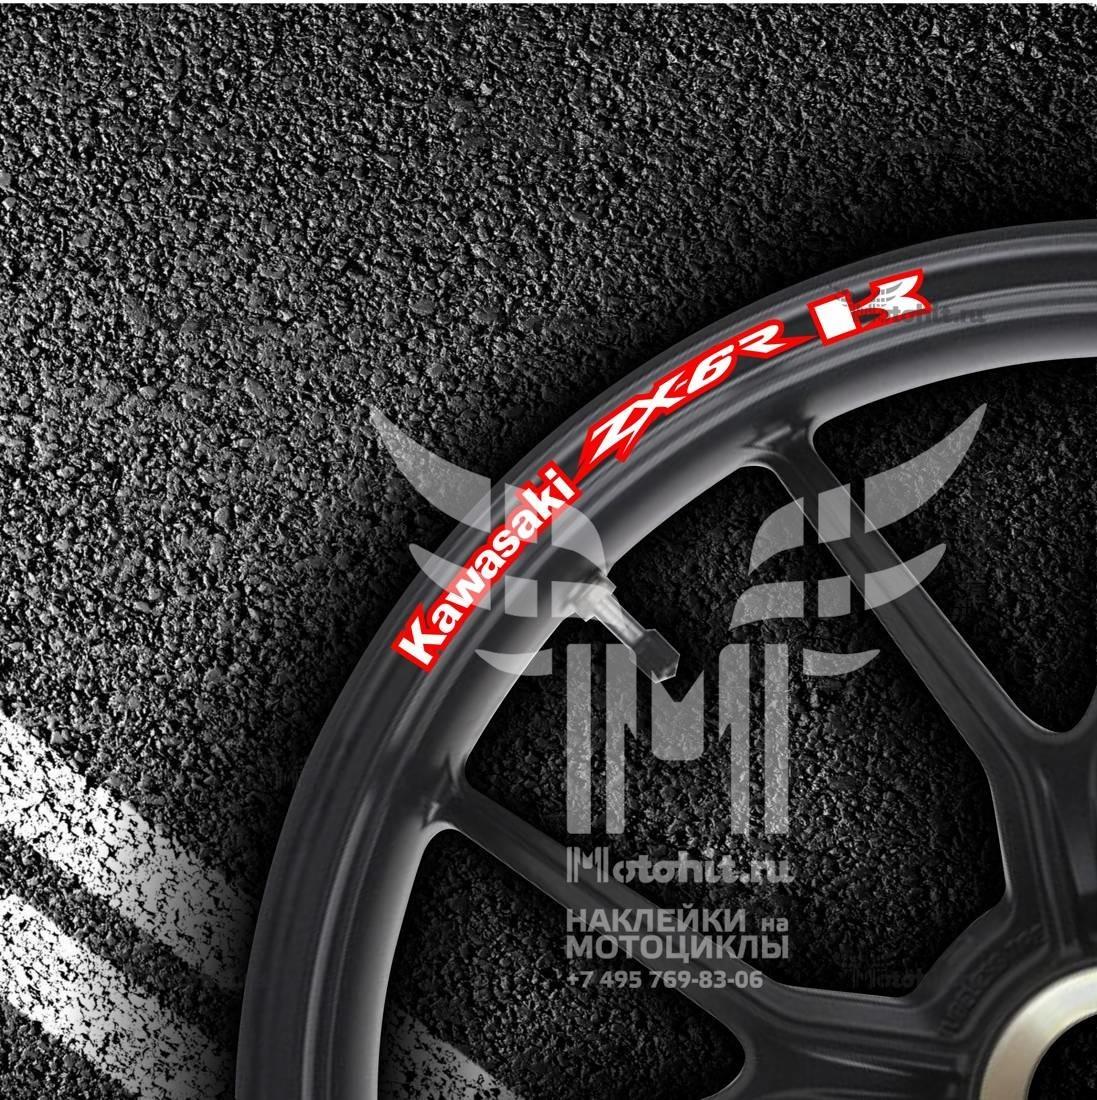 Комплект наклеек на обод колеса мотоцикла KAWASAKI ZX-6R-K